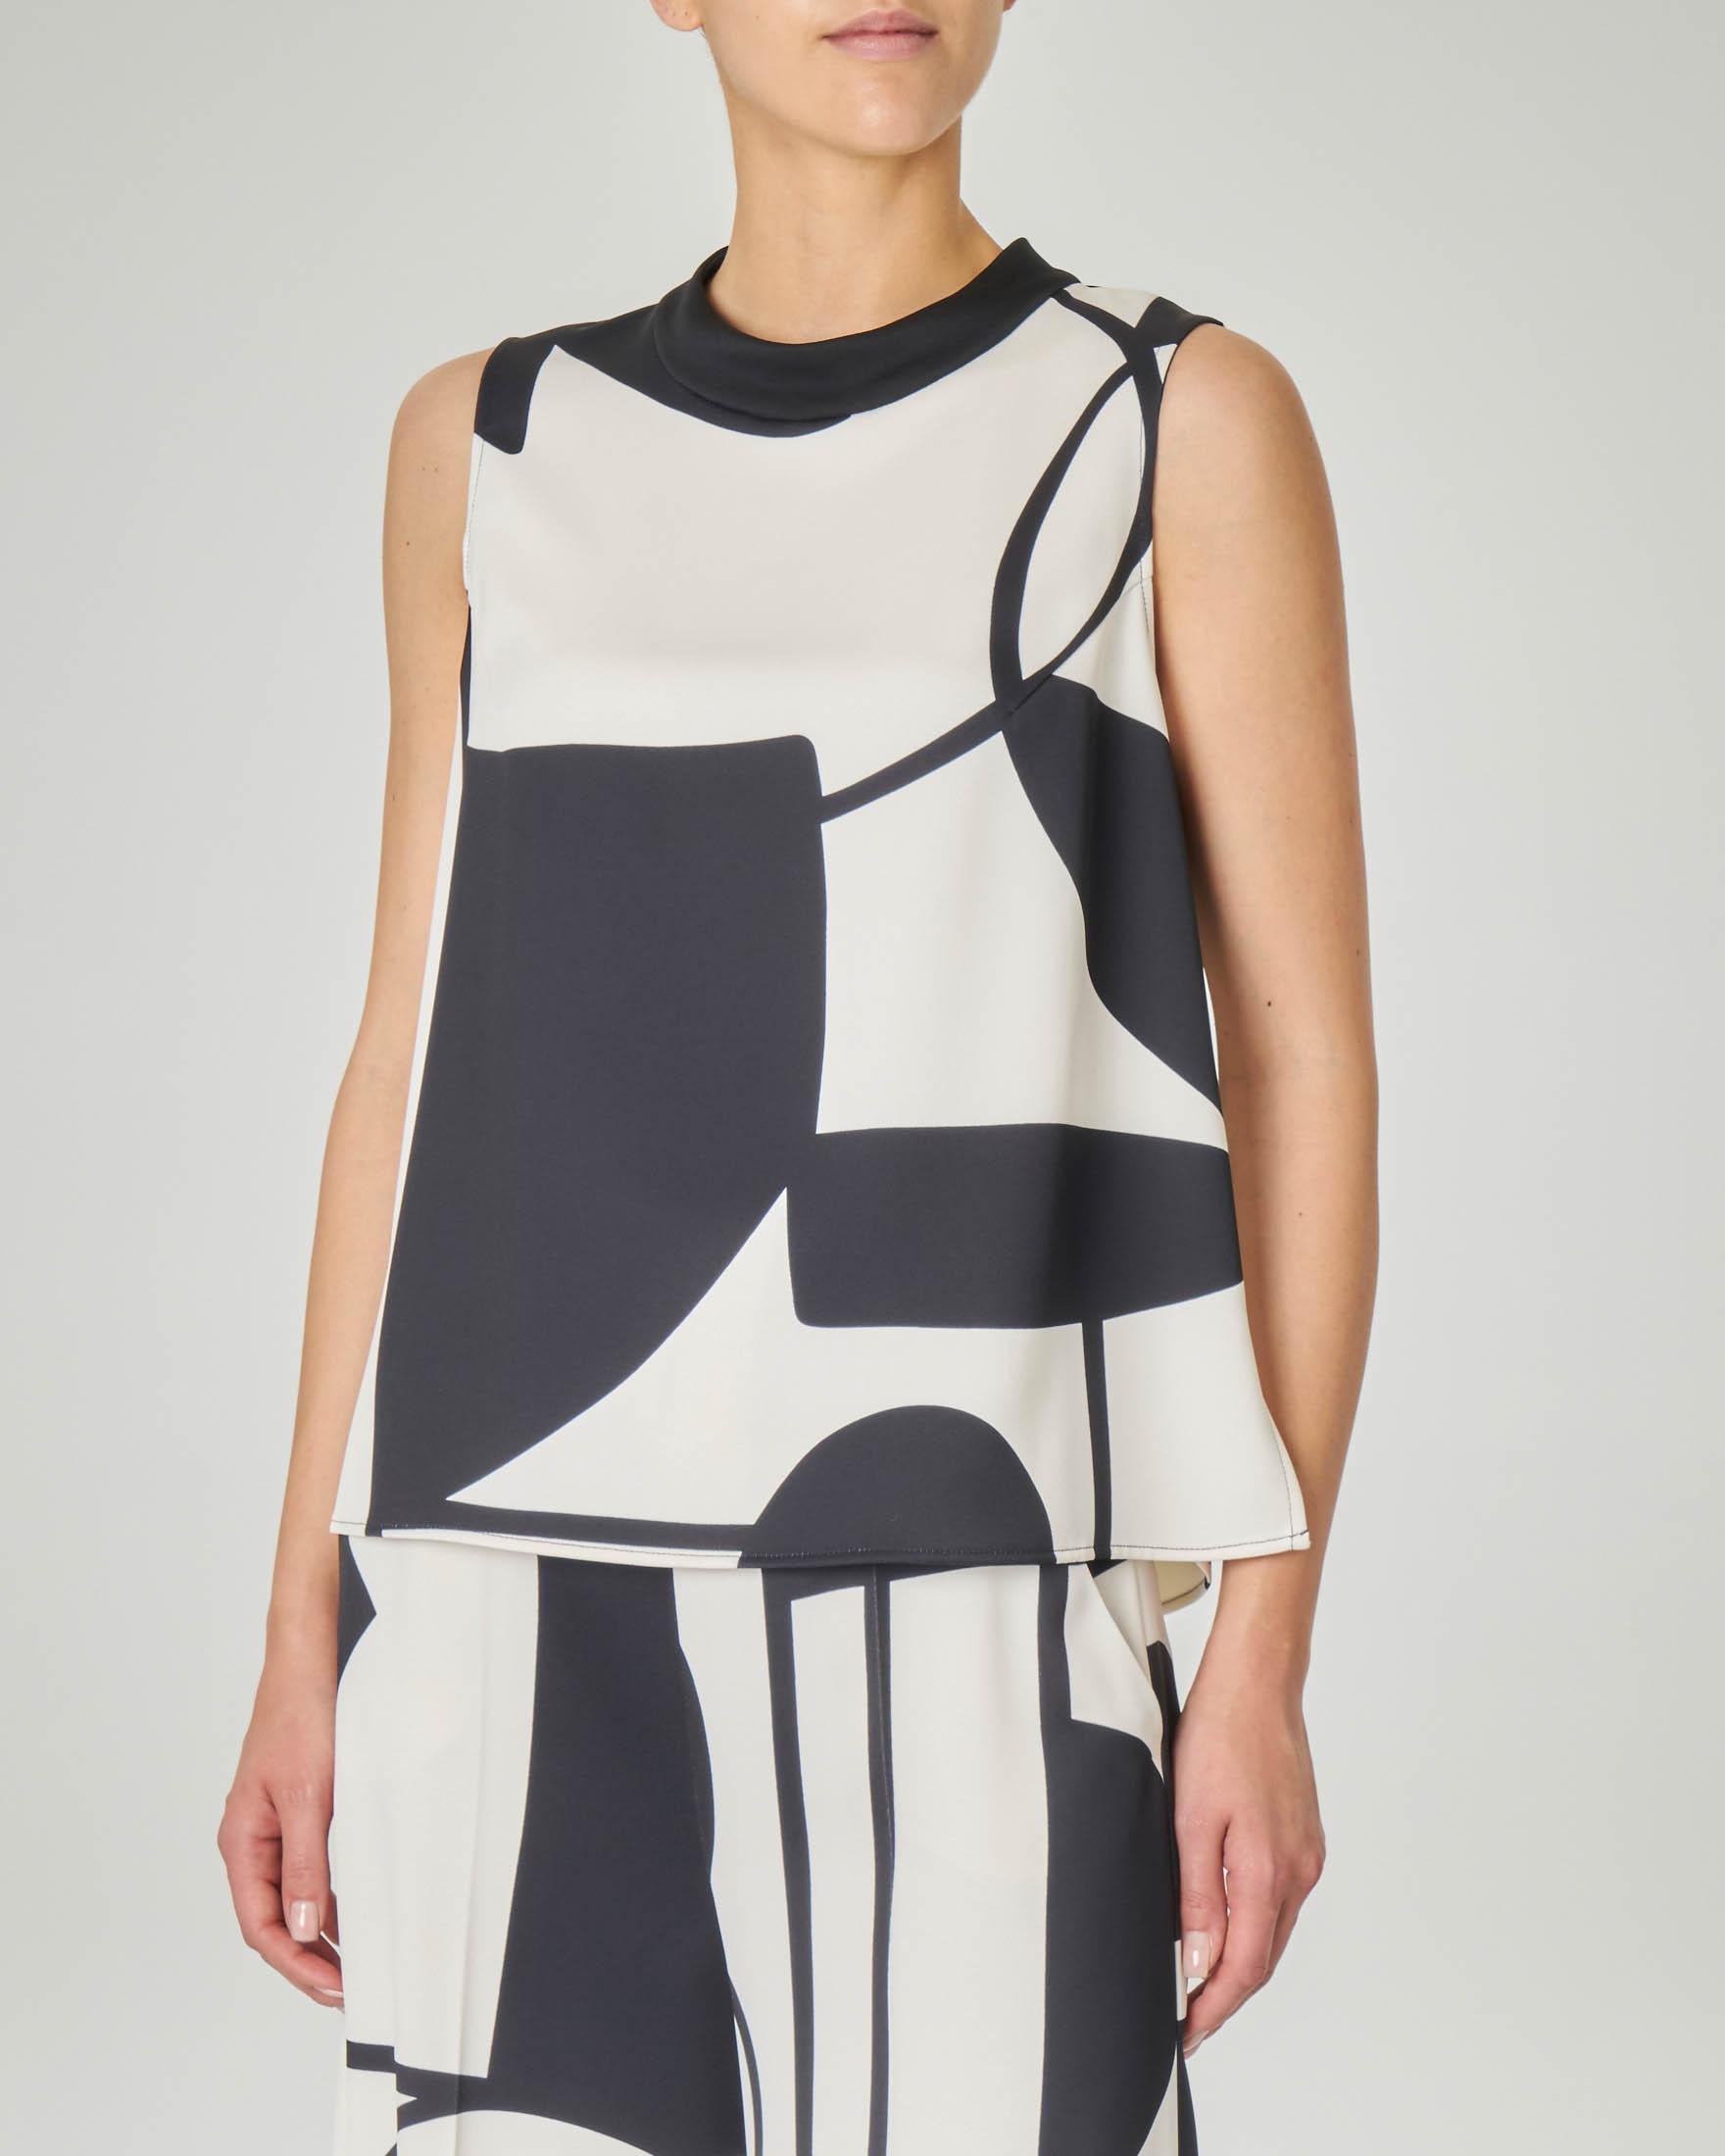 Blusa svasata LW x ART. 365 in crêpe a fantasia geometrica in bianco e nero senza maniche